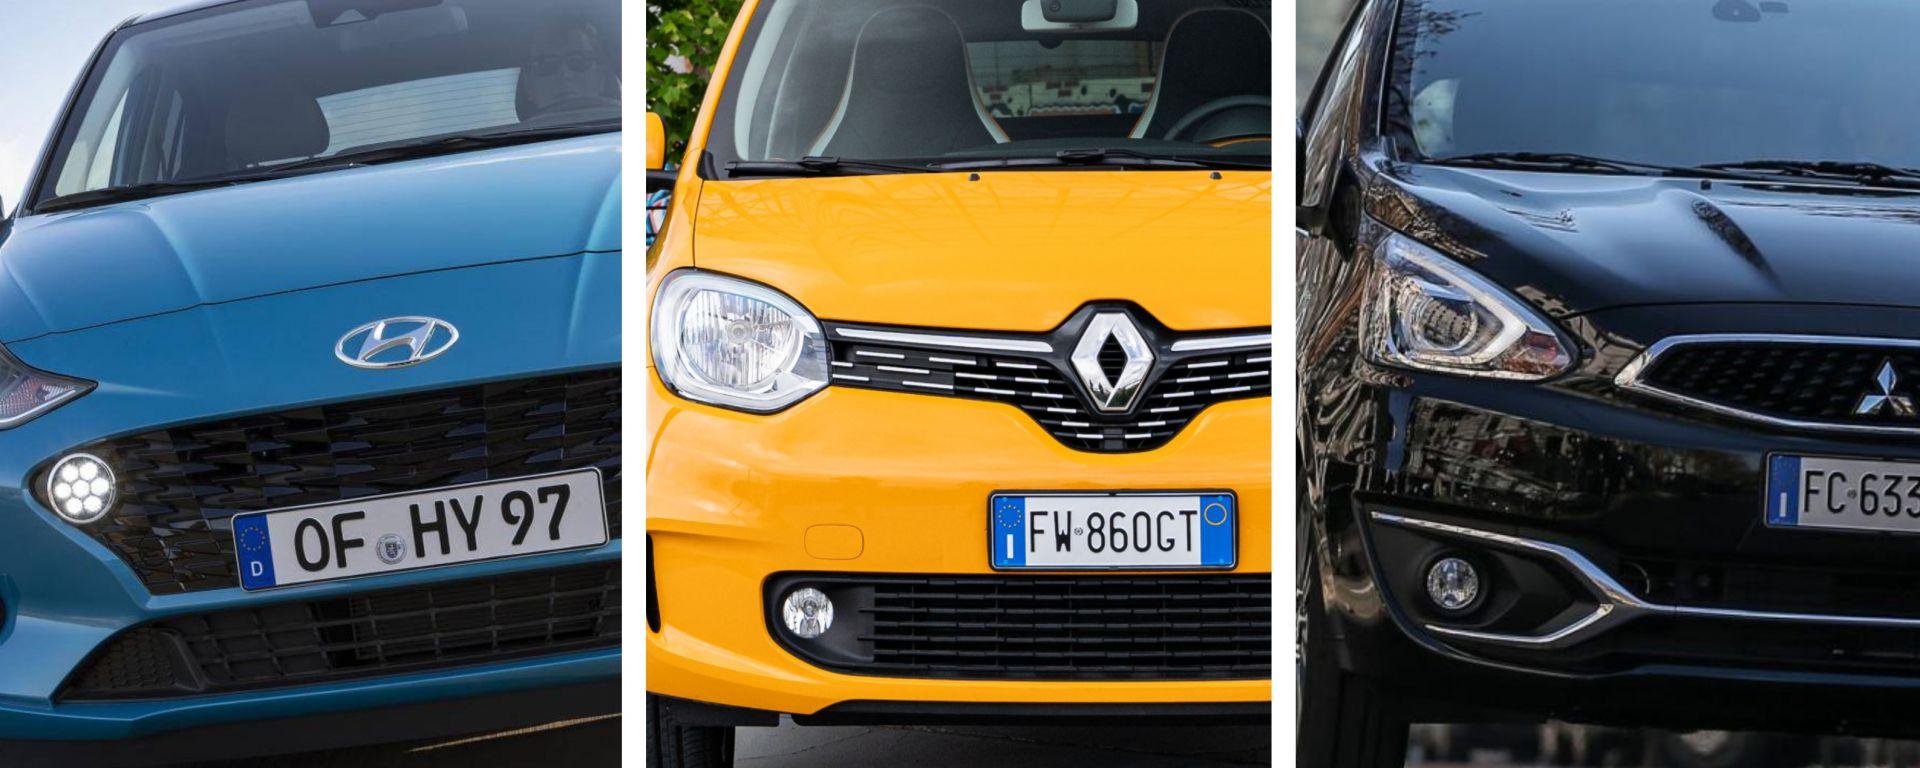 Incentivi auto 2020, quali citycar scendono sotto i 10.000 euro?